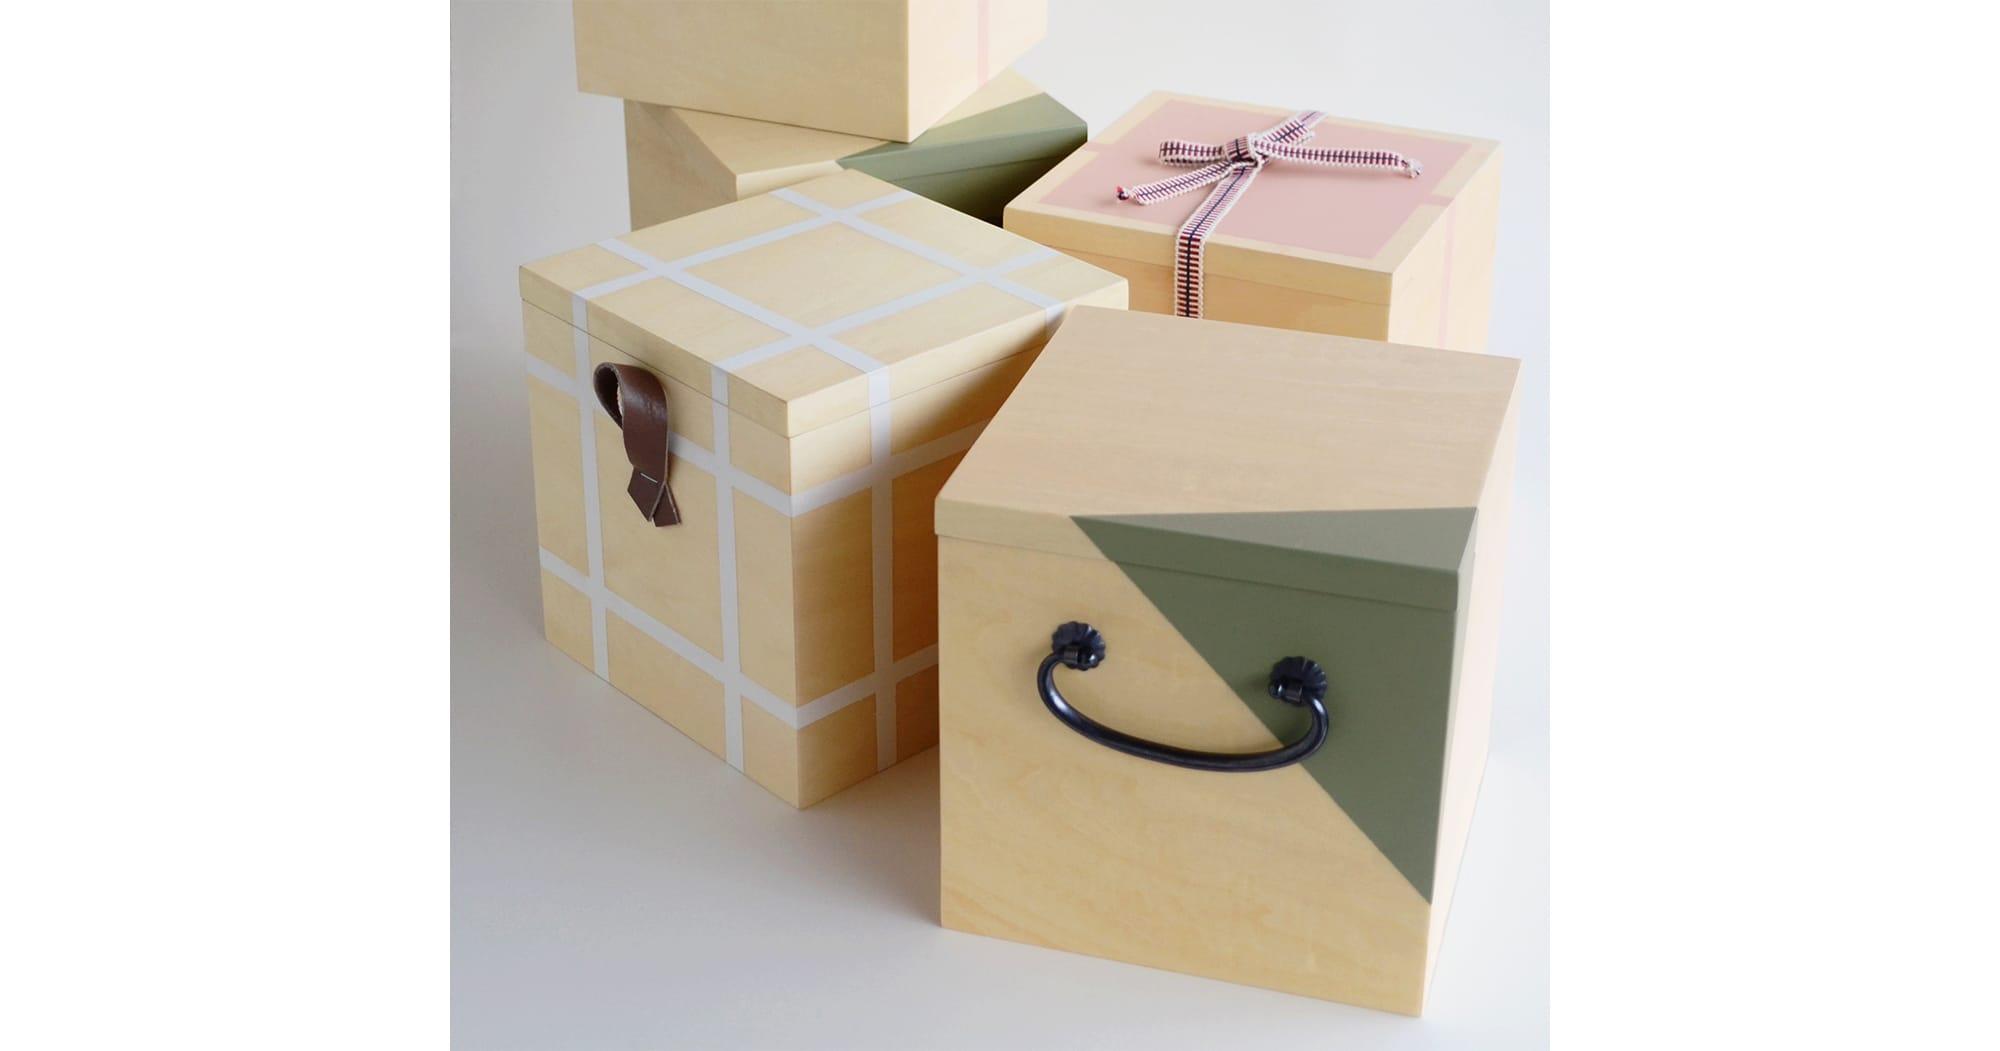 木箱の中に茶道具を収納した「Ippukubox」(イップクボックス)全3種類、13,000円(税抜)。